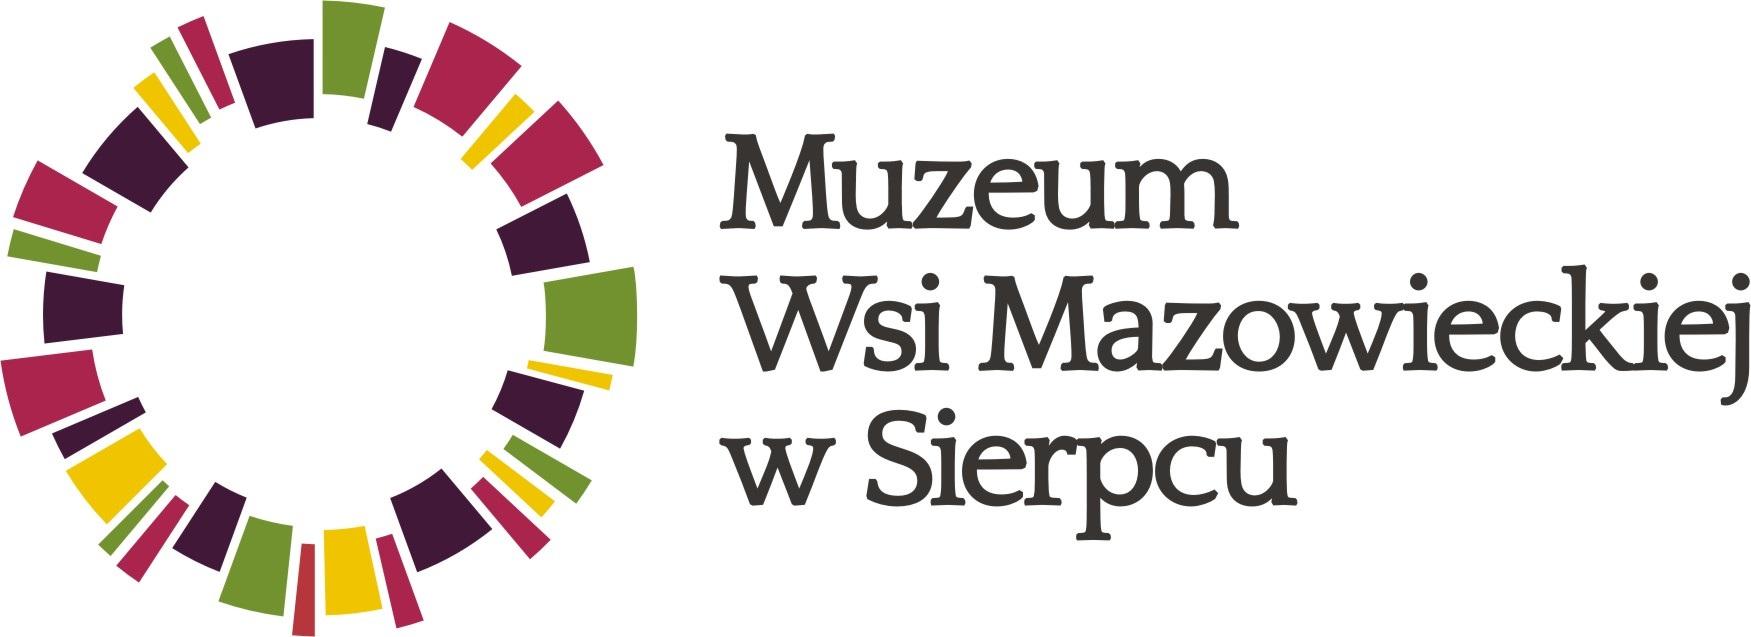 logo_majowka-w-sierpcu